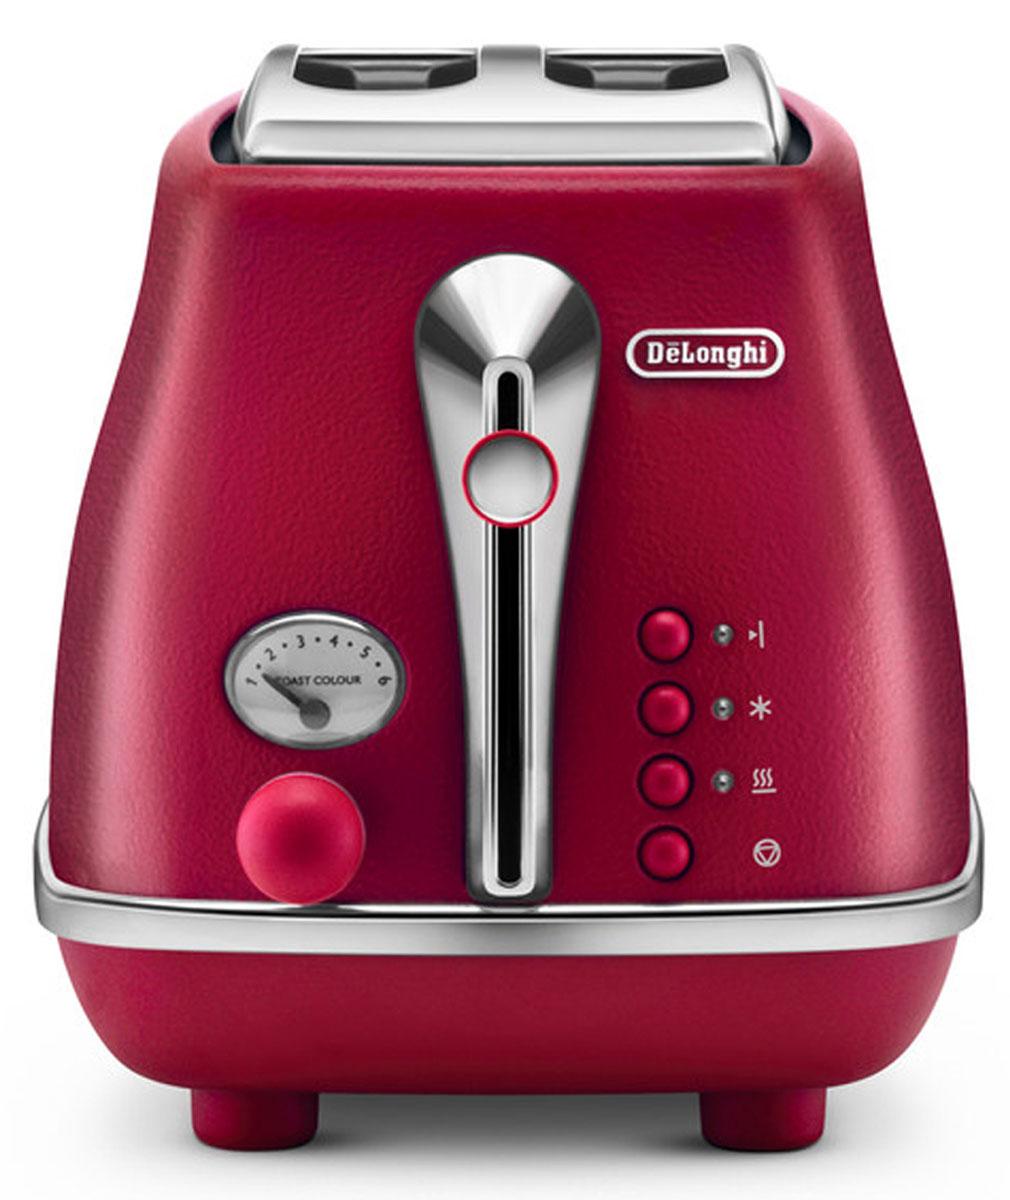 DeLonghi Icona Elements CTOE2103.R, Red тостер0230120026Корпус придает внешнему виду тостера DeLonghi CTOE2103 строгость и в то же время особый шик. Хромированная отделка смотрится оригинально и гармонично. Кнопки управления имеют неоновую подсветку, так что в темное время суток вы без проблем сможете им управлять. Тостер выполнен в классическом стиле, который придется по душе людям с изысканным вкусом.Тостер DeLonghi CTOE2103 делает хрустящие гренки благодаря инфракрасному излучению от спиралей, находящихся внутри корпуса. Прибор работает на мощности 900 Вт, что делает его работу быстрой и hезультативной. Горячие тосты будут готовы всего за несколько минут. С первого взгляда может показаться, что тостер - это простое устройство лишь для поджаривания ломтиков хлеба. Но это не так! Функциональные возможности прибора намного шире. Функция подогрева пригодится вам для остывших тостов. Функция размораживания - для хлеба из морозильной камеры. Функция односторонний подогрев дает возможность и разогреть уже готовые хлебцы, и сделать поджаривание тоста лишь с одной стороны. Функция отмены позволяет закончить работу тостера в любой момент, когда вы посчитаете нужным. Цена тостера довольно приемлема, учитывая, что вы приобретаете устройство, в котором так много различных дополнительных возможностей.Вы можете оценить выбор степени прожарки тостов из шести вариантов. Слегка подрумяненный или максимально прожаренный хлеб - вы можете выбрать степень нагрева легким поворотом ручки управления. Благодаря этой функциональной особенность решается вопрос разных вкусовых предпочтений. Ведь теперь каждый член вашей семьи может приготовить тост по своему вкусу.